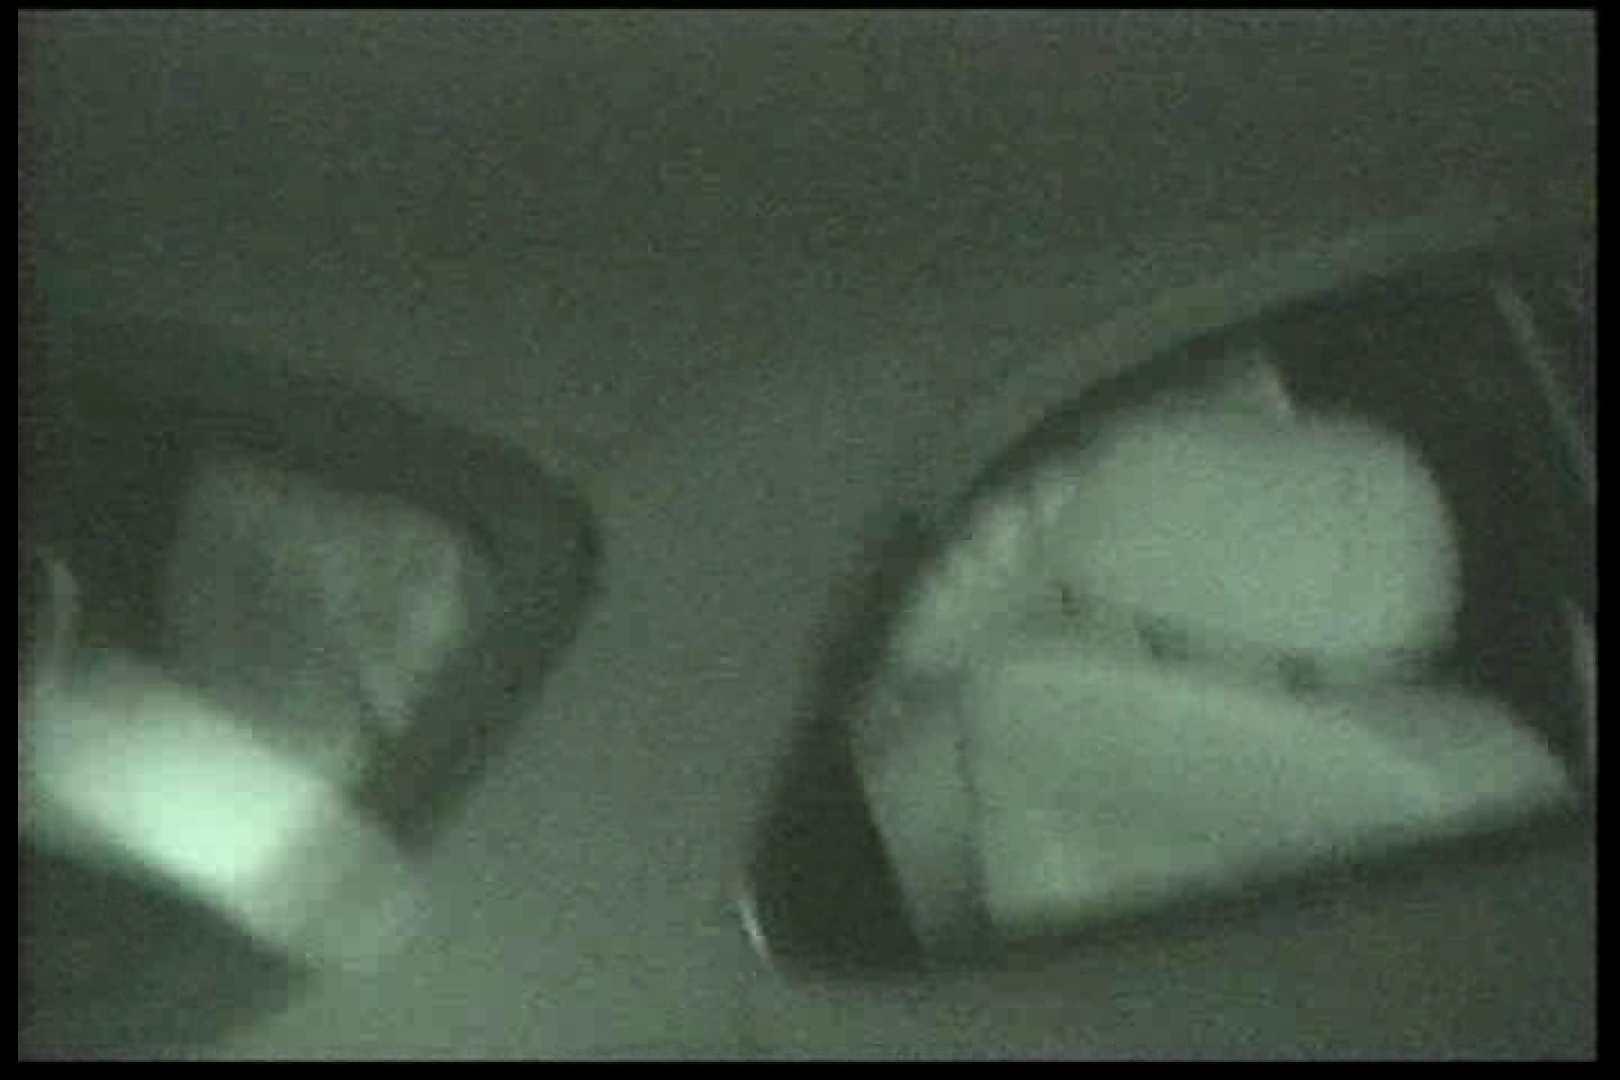 車の中はラブホテル 無修正版  Vol.15 カップル   手マン  77pic 36